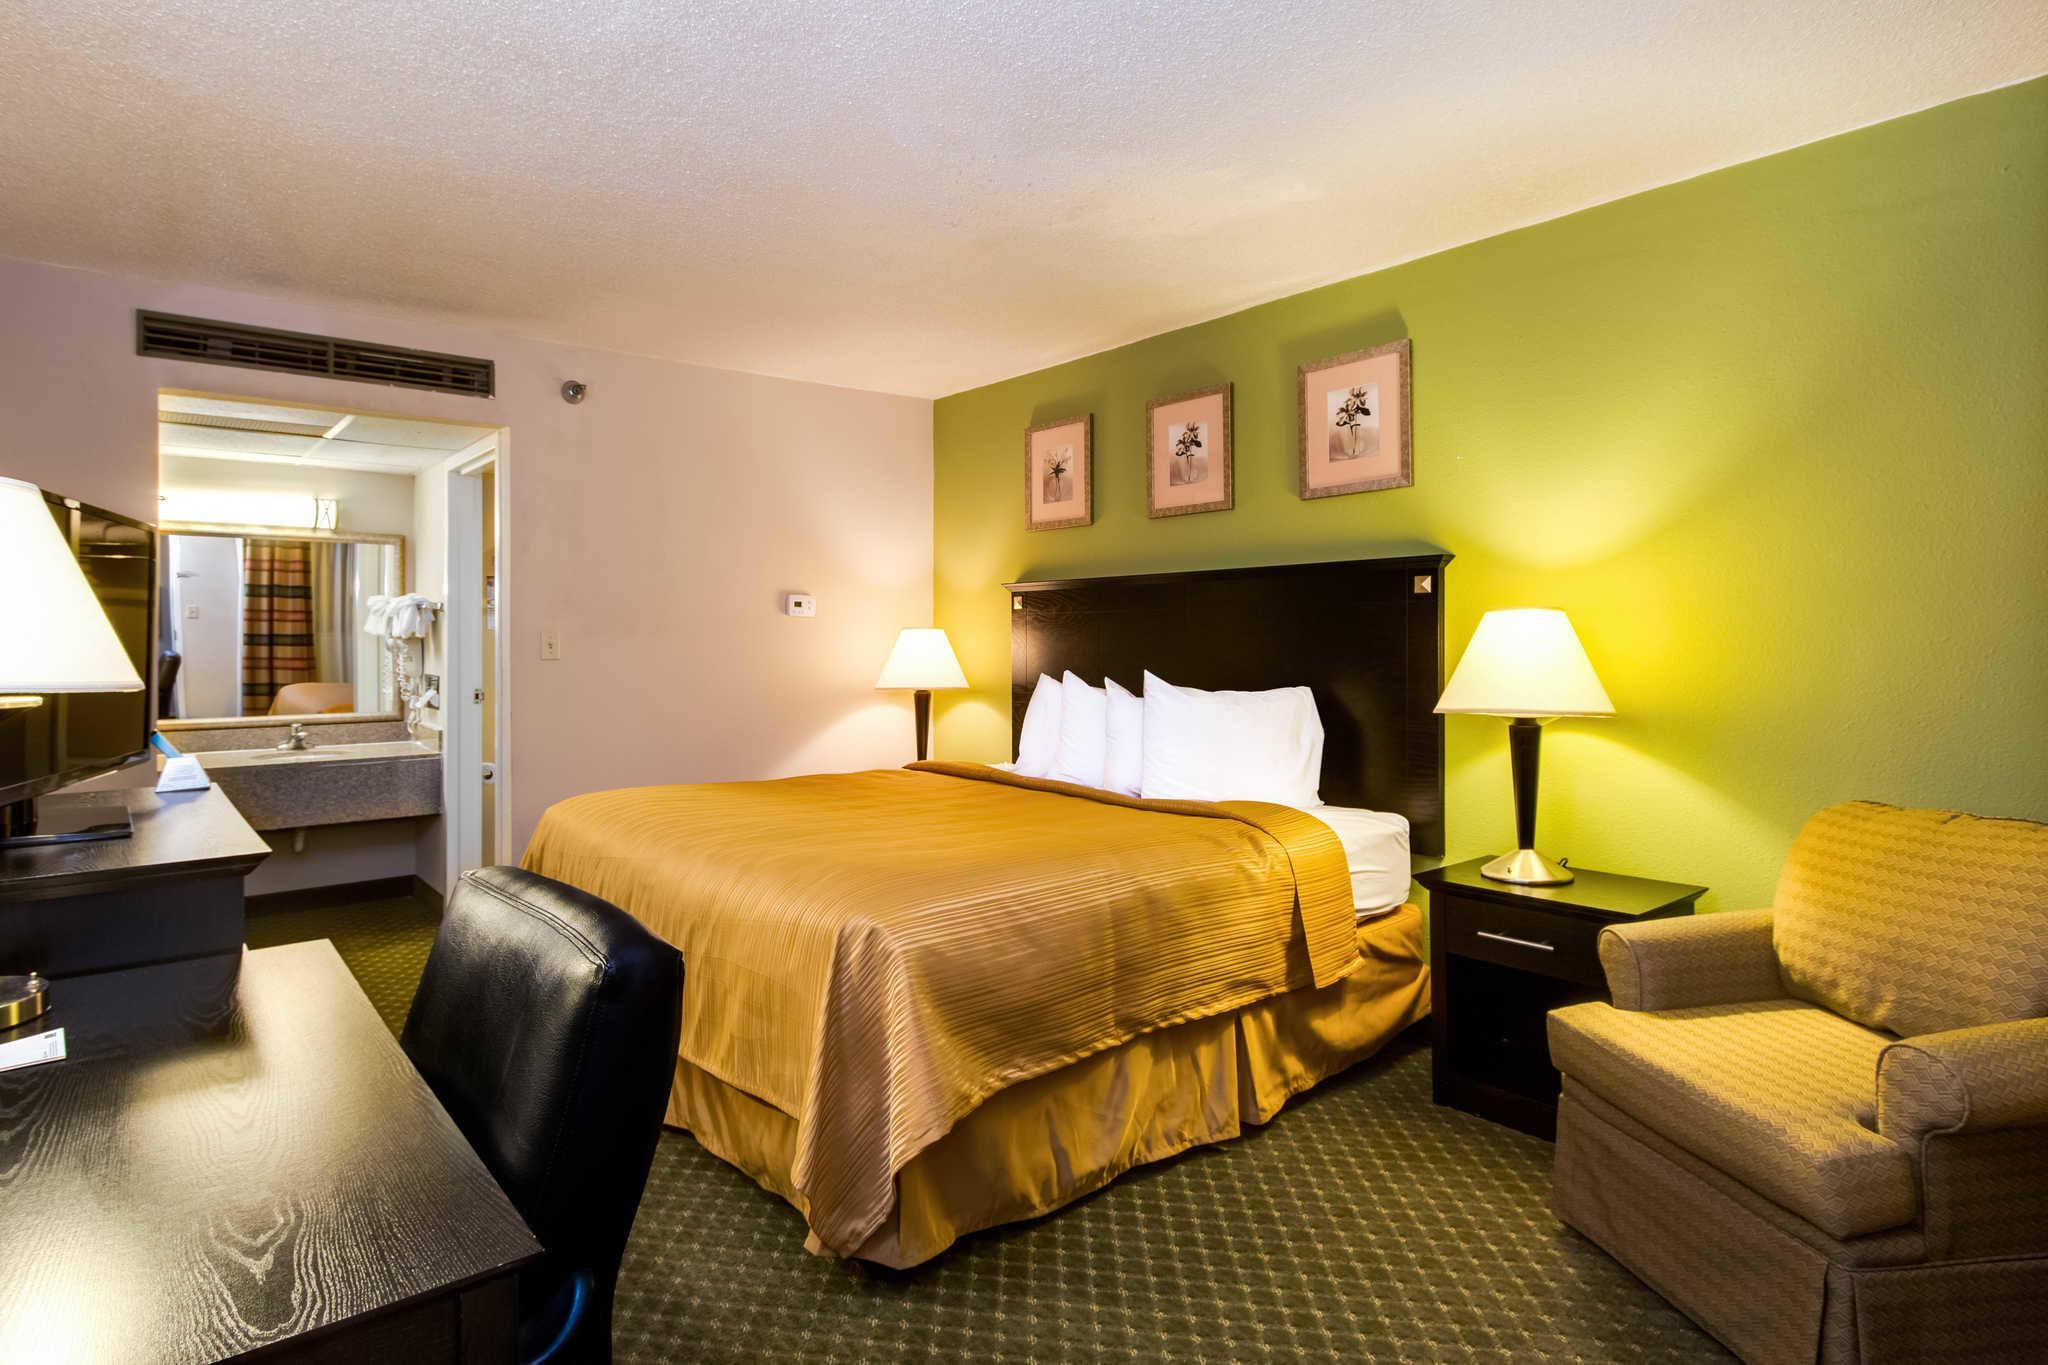 Quality Inn & Suites Moline - Quad Cities image 4